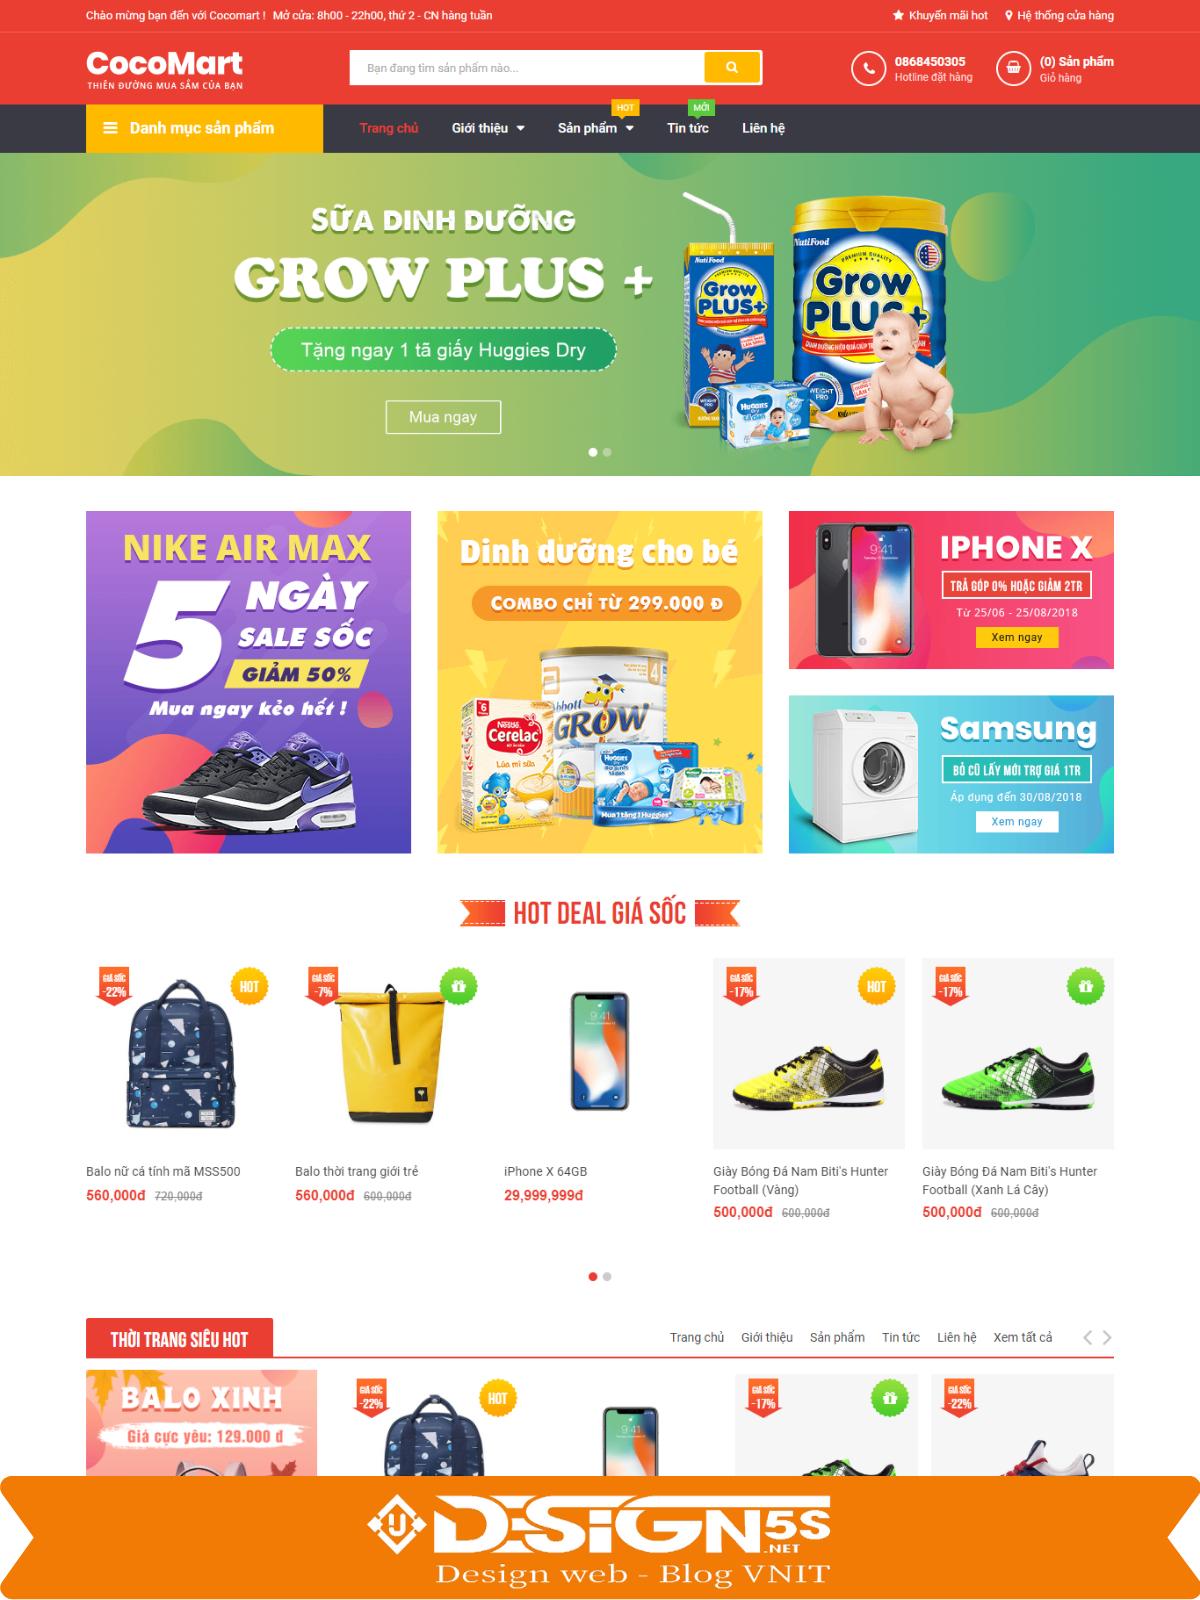 Mẫu Website bán hàng Cocomart Green chuẩn seo - Ảnh 1